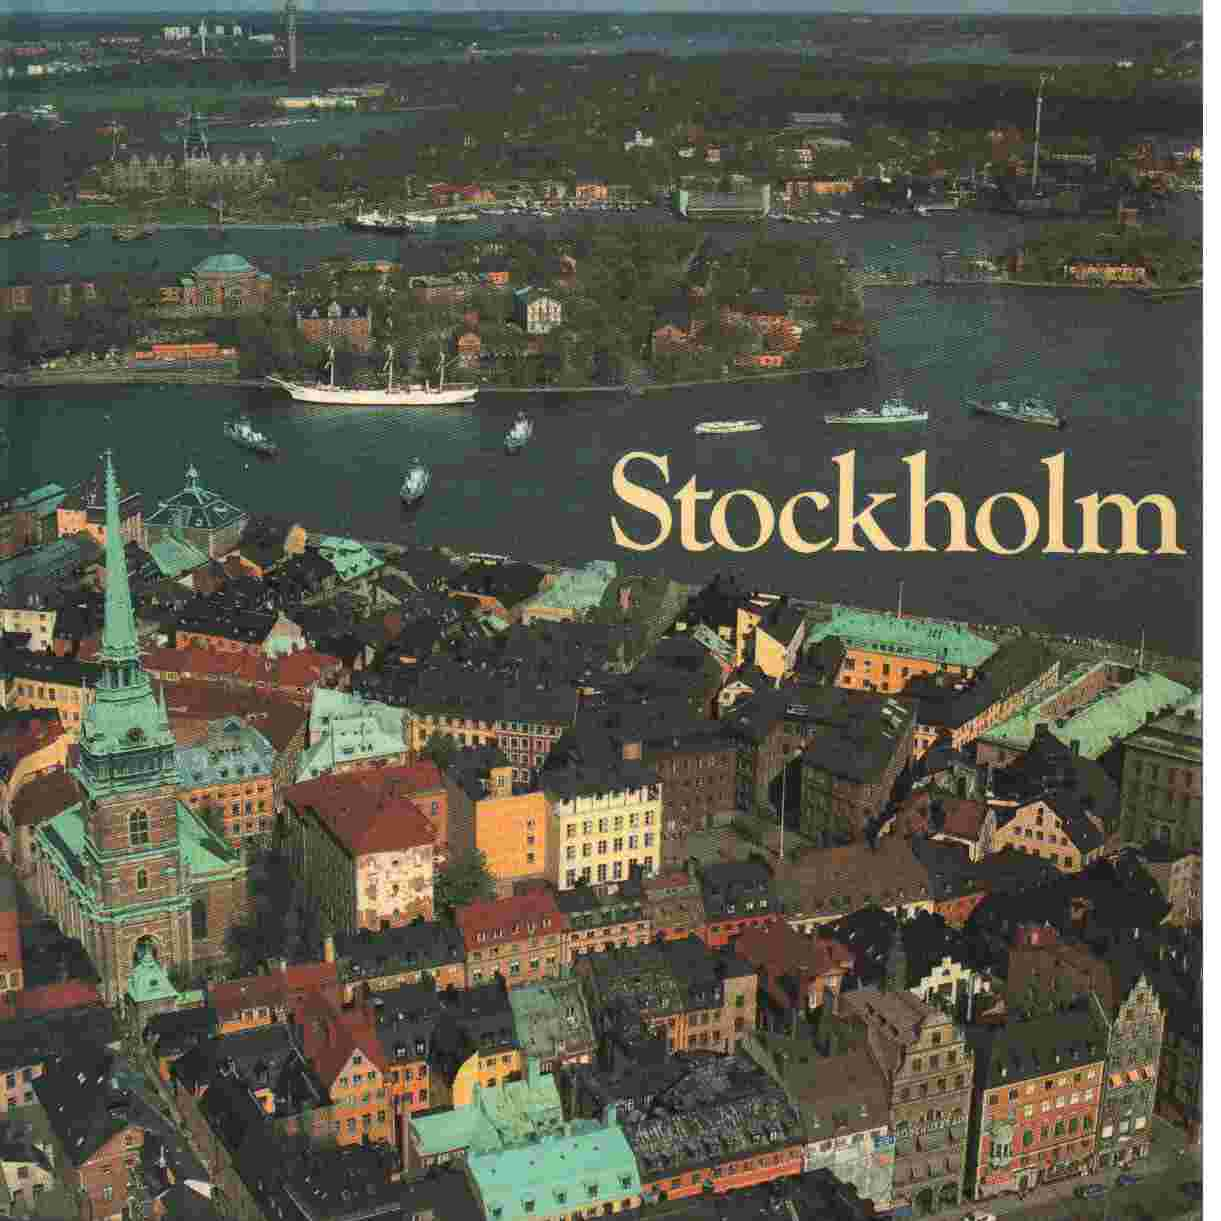 Stockholm  en bok om den moderna storstadens miljöer, historia och människor - Andersson, Gunder   och  Bergqvist, Ulf,